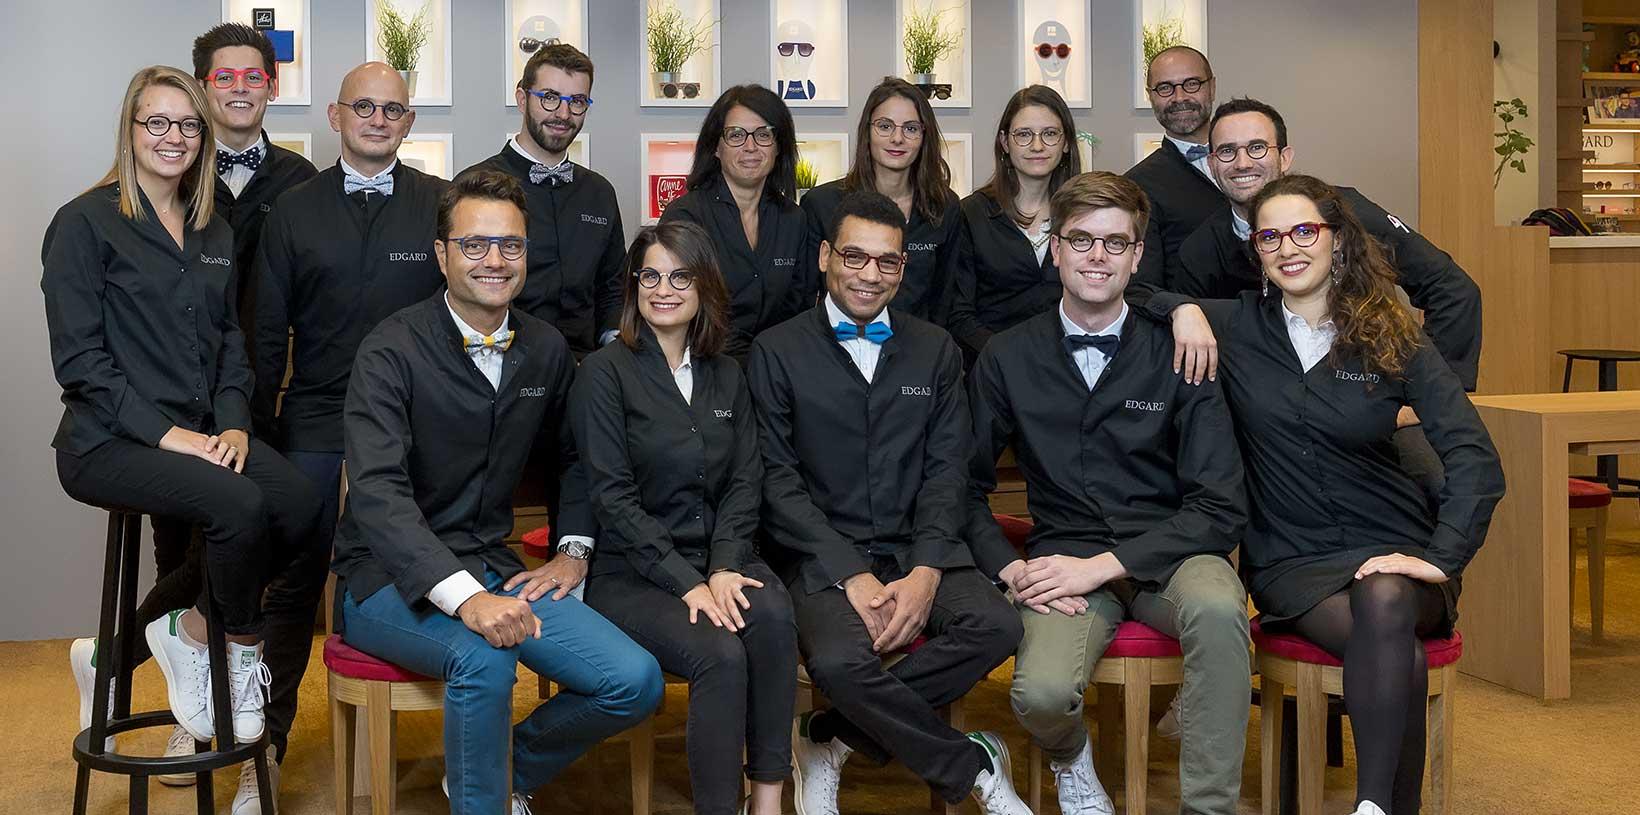 Equipe Edgard Opticiens Caen